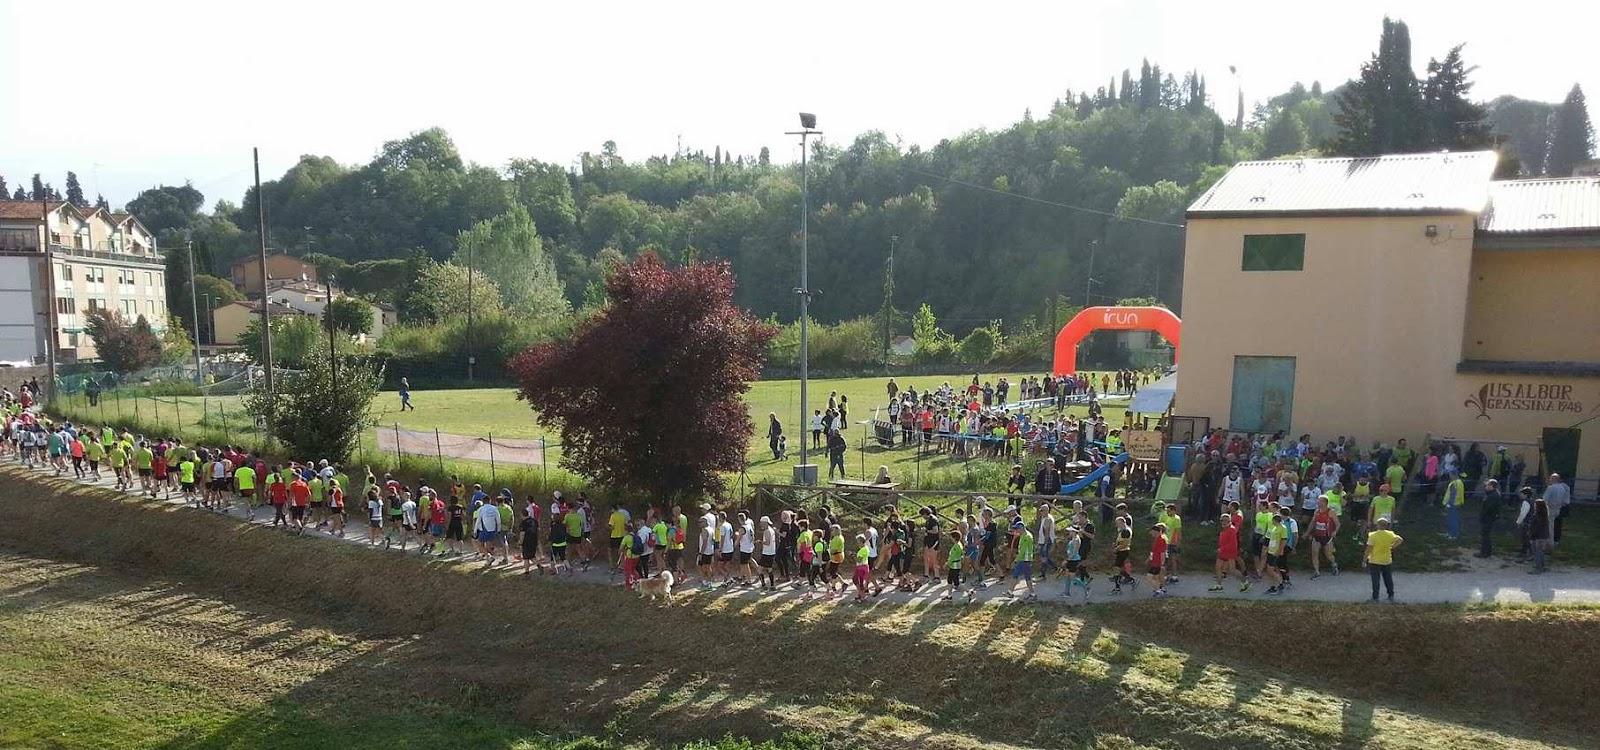 Gruppo Podistico Fratellanza Popolare Grassina: Ecomarathon Bagno a ...